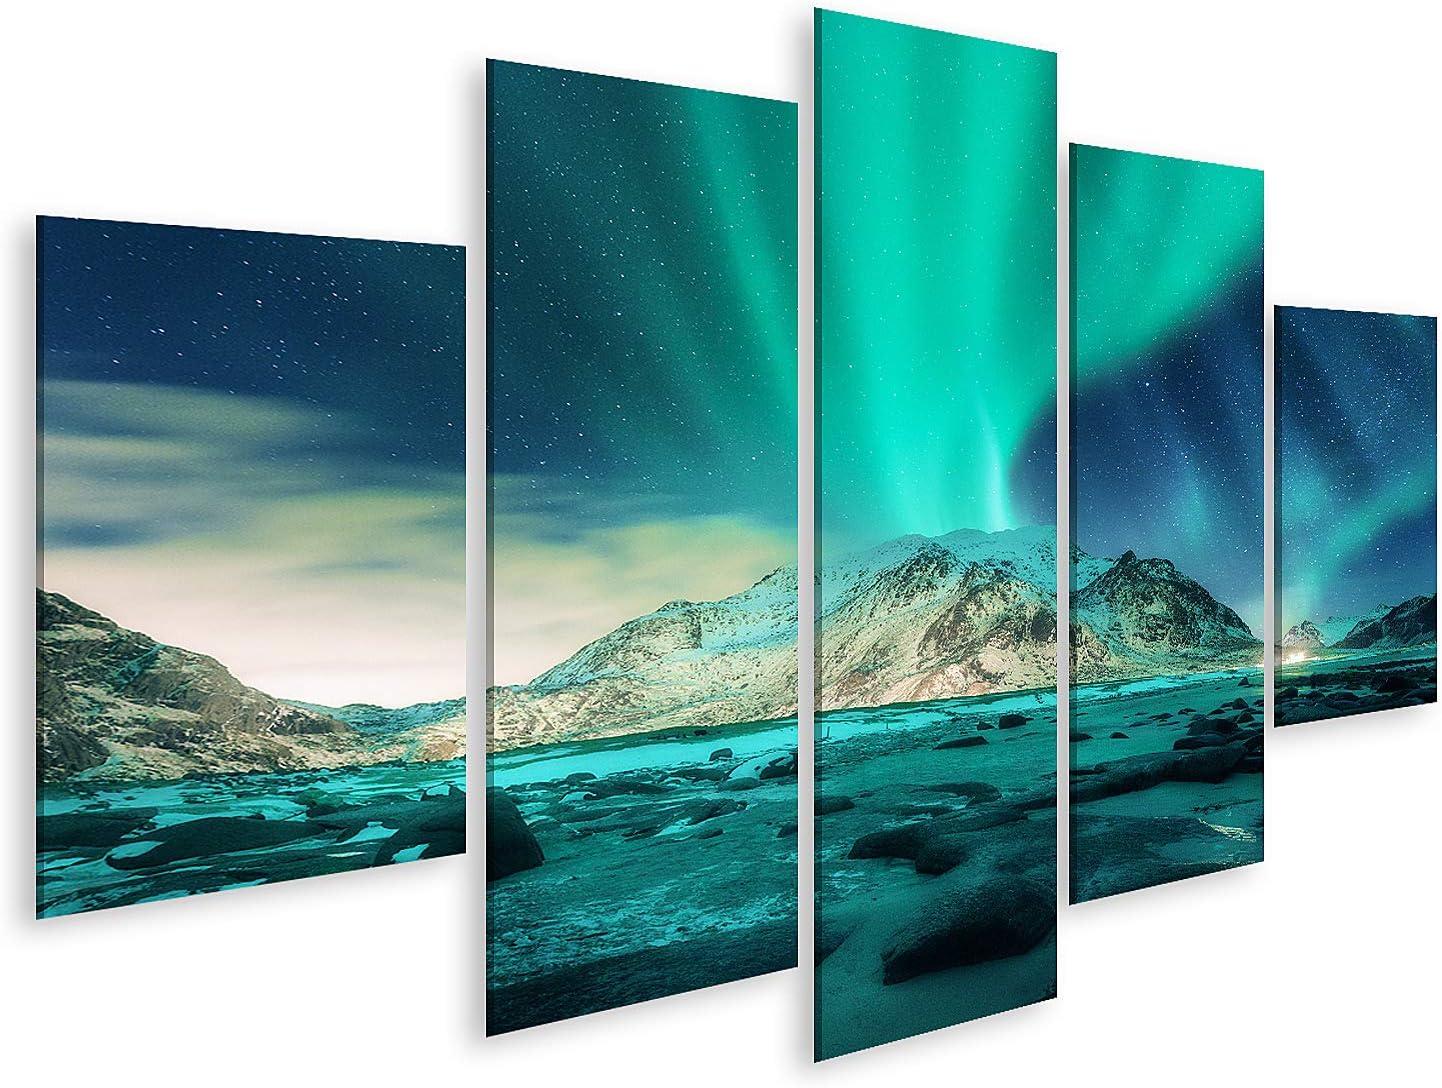 Cuadro en Lienzo Aurora Boreal sobre montañas Cubiertas de Nieve, Playa de Arena con Piedras Luces del Norte en Las Islas Lofoten Noruega Estrellada Cuadros Modernos Decoracion Impresión Salon